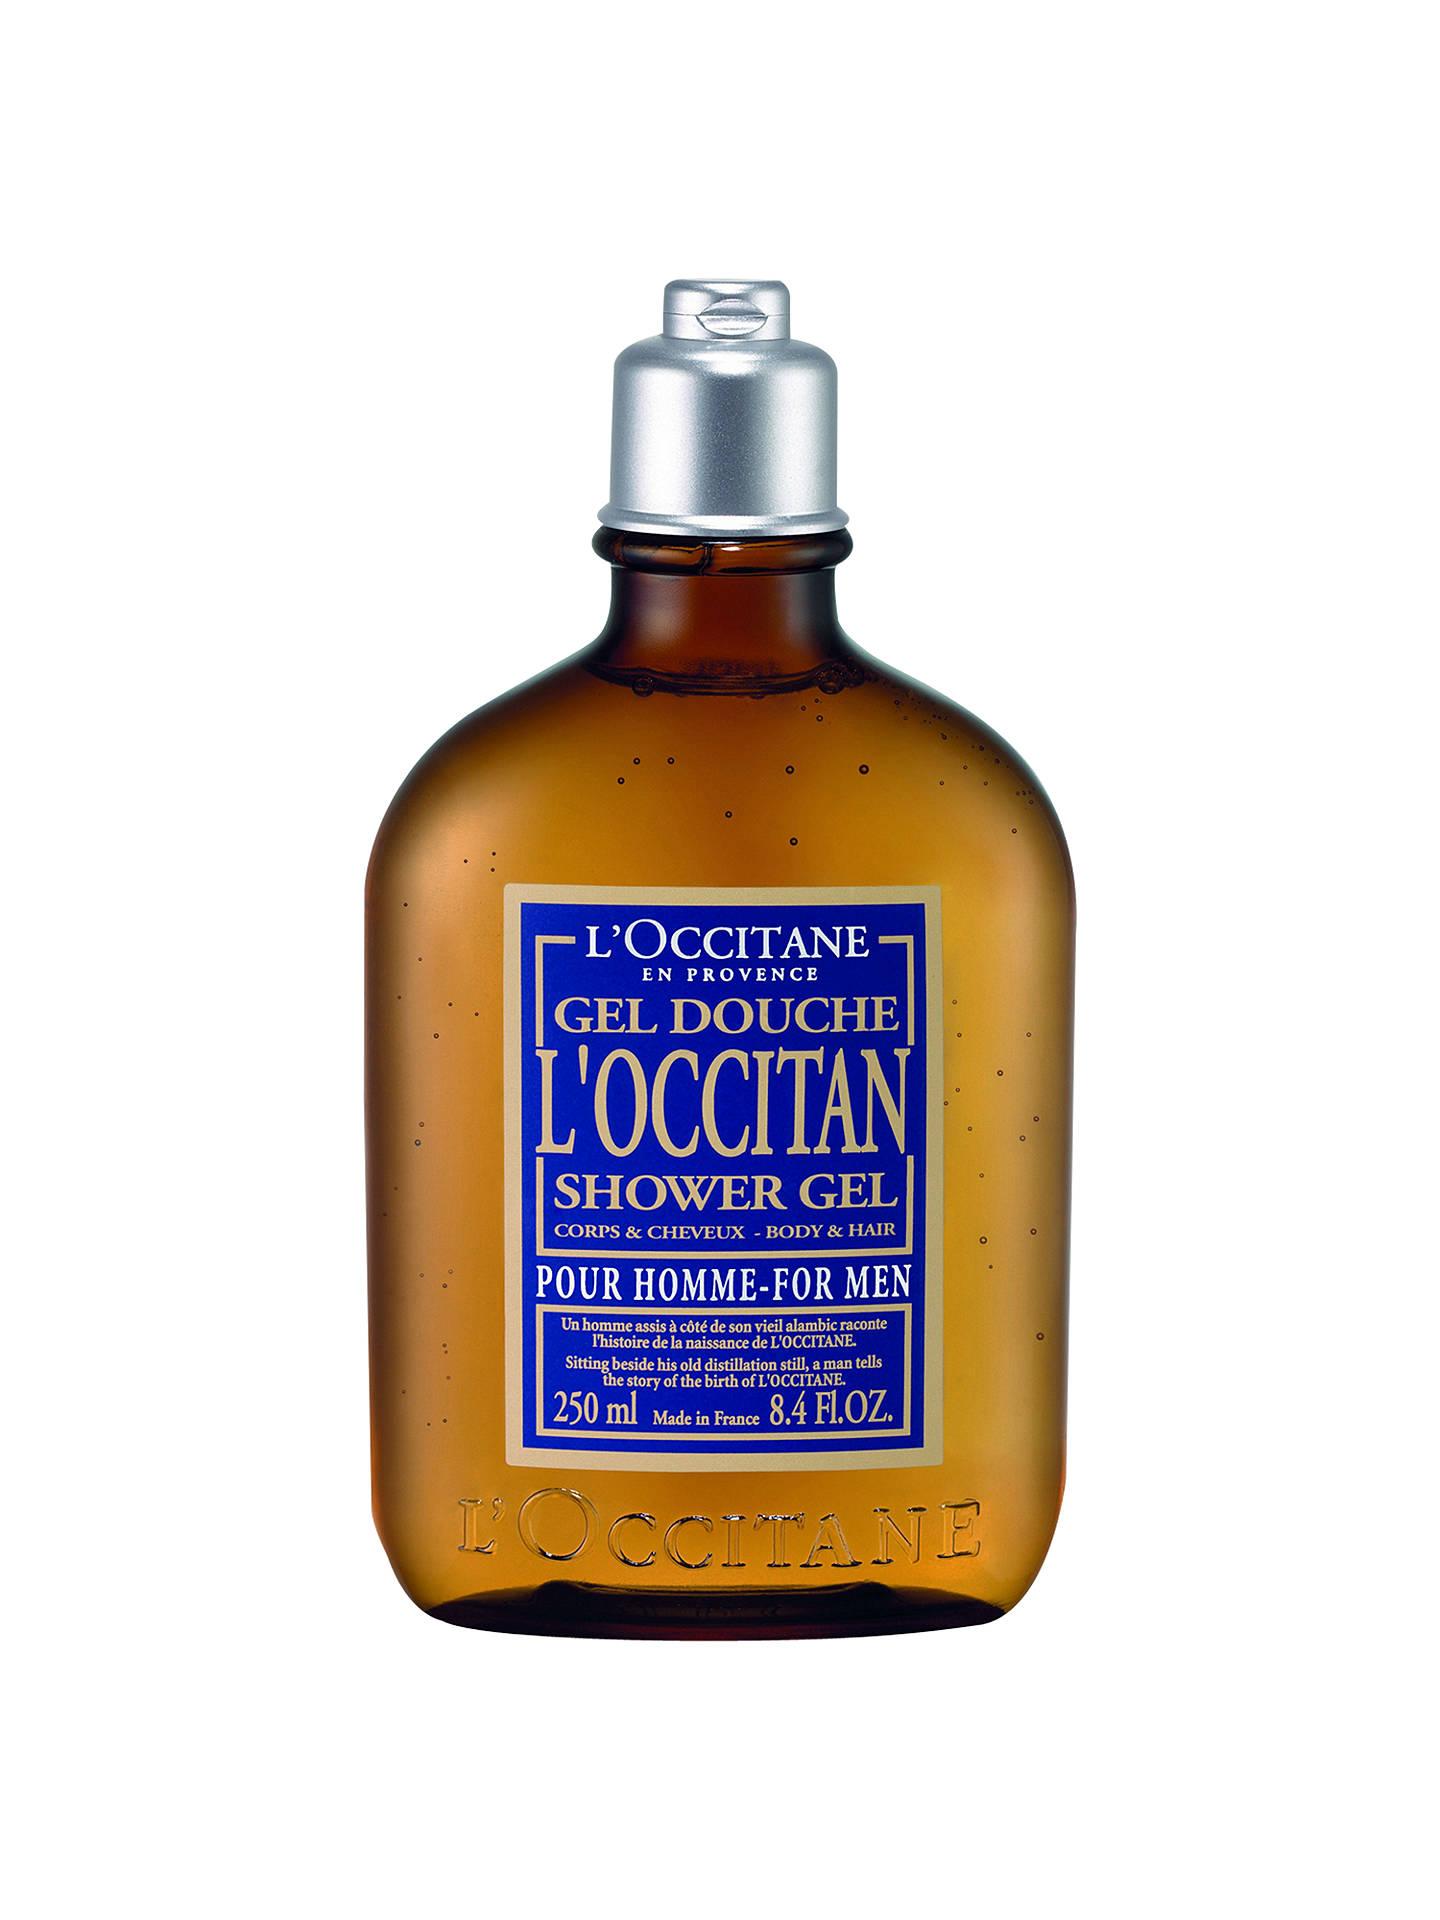 L Occitane For Men Hair Body Shower Gel 250ml At John Lewis